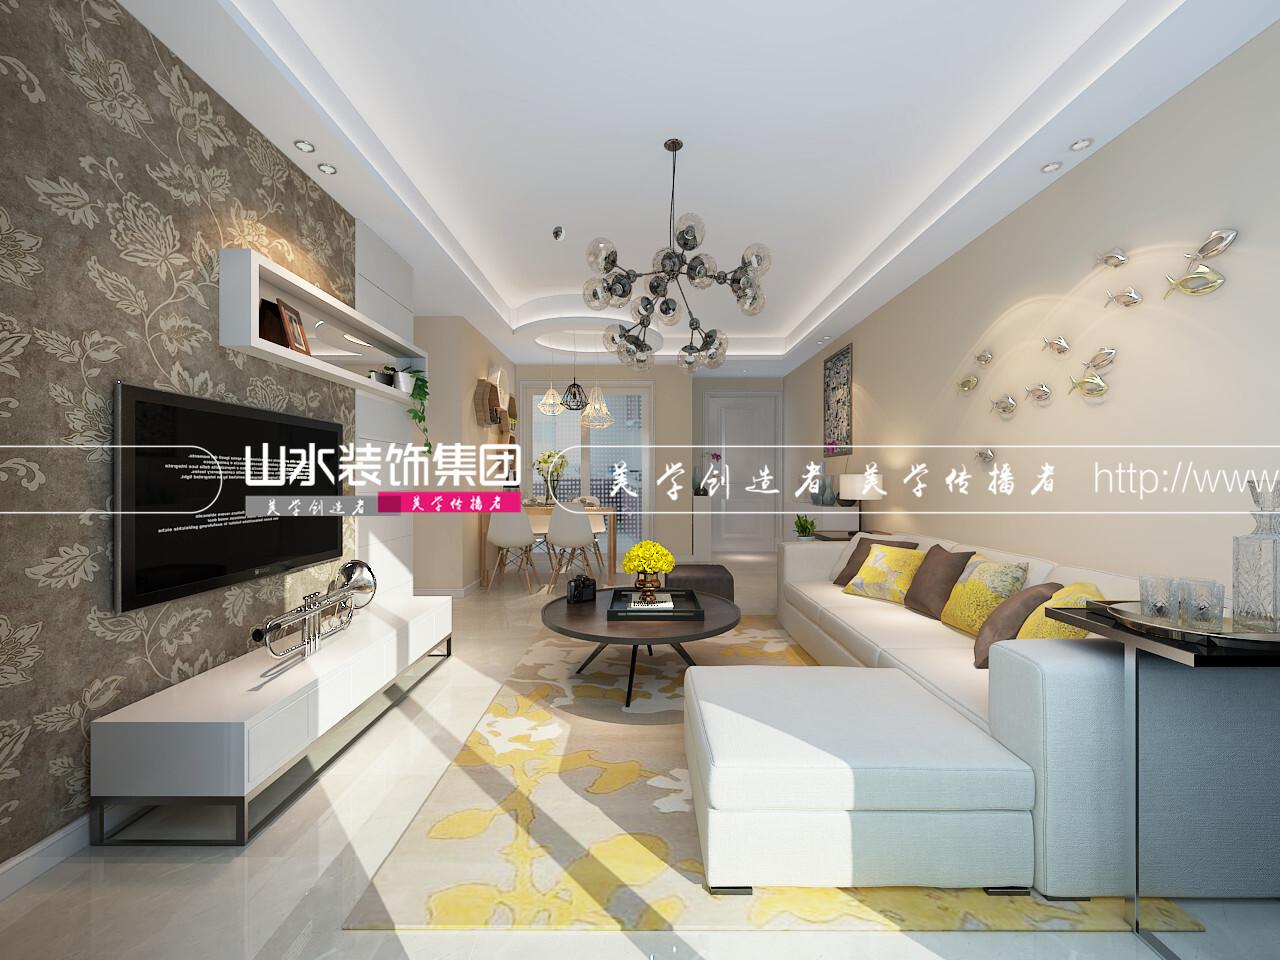 萬達華府現代風格裝修效果圖-96平米三居室